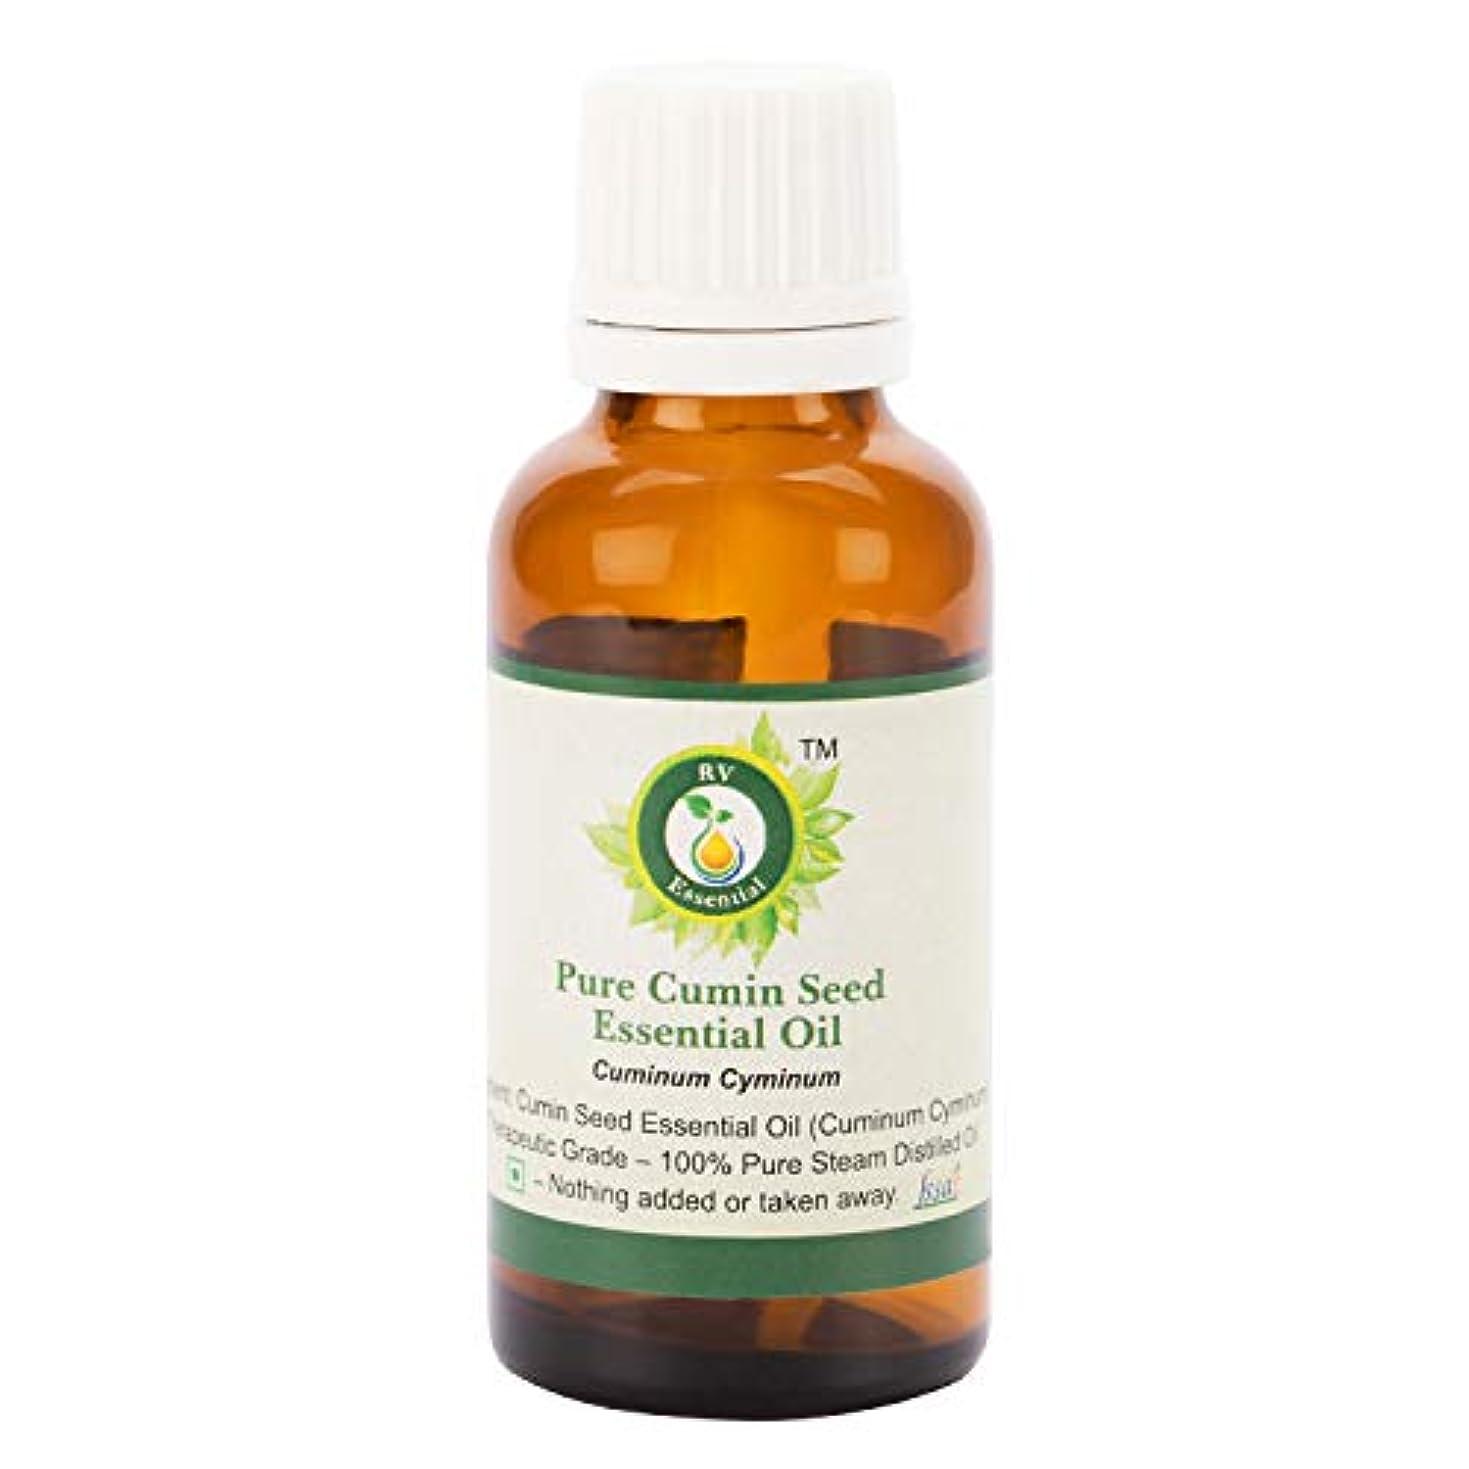 悔い改めテレビを見る取り消すピュアクミンシードエッセンシャルオイル5ml (0.169oz)- Cuminum Cyminum (100%純粋&天然スチームDistilled) Pure Cumin Seed Essential Oil